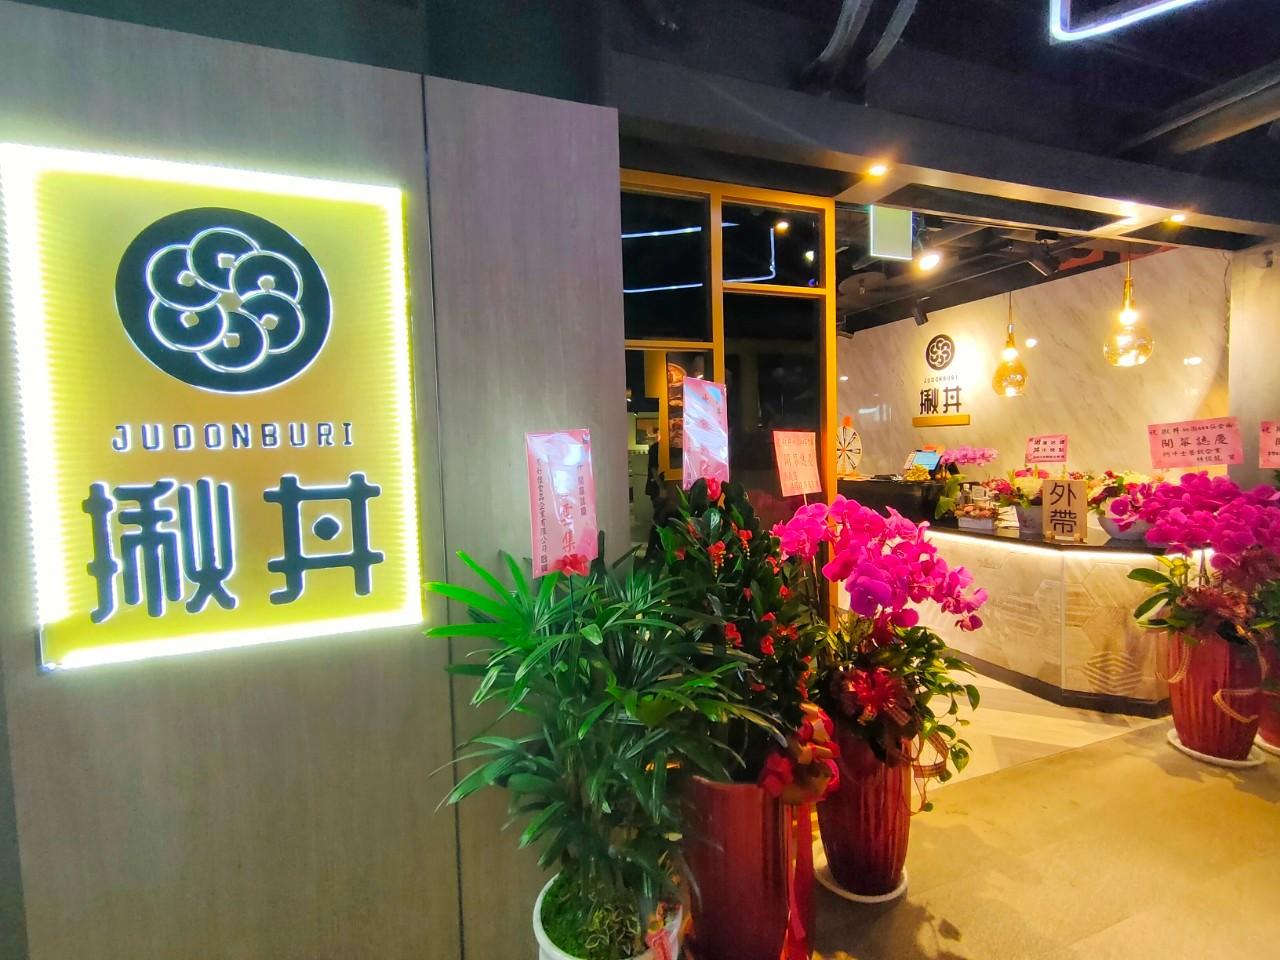 att筷食尚,桃園att美食,桃園火車站,桃園美食,炙燒鮭魚干貝丼,炸牛排,炸豬排,鬥牛士二鍋新品牌